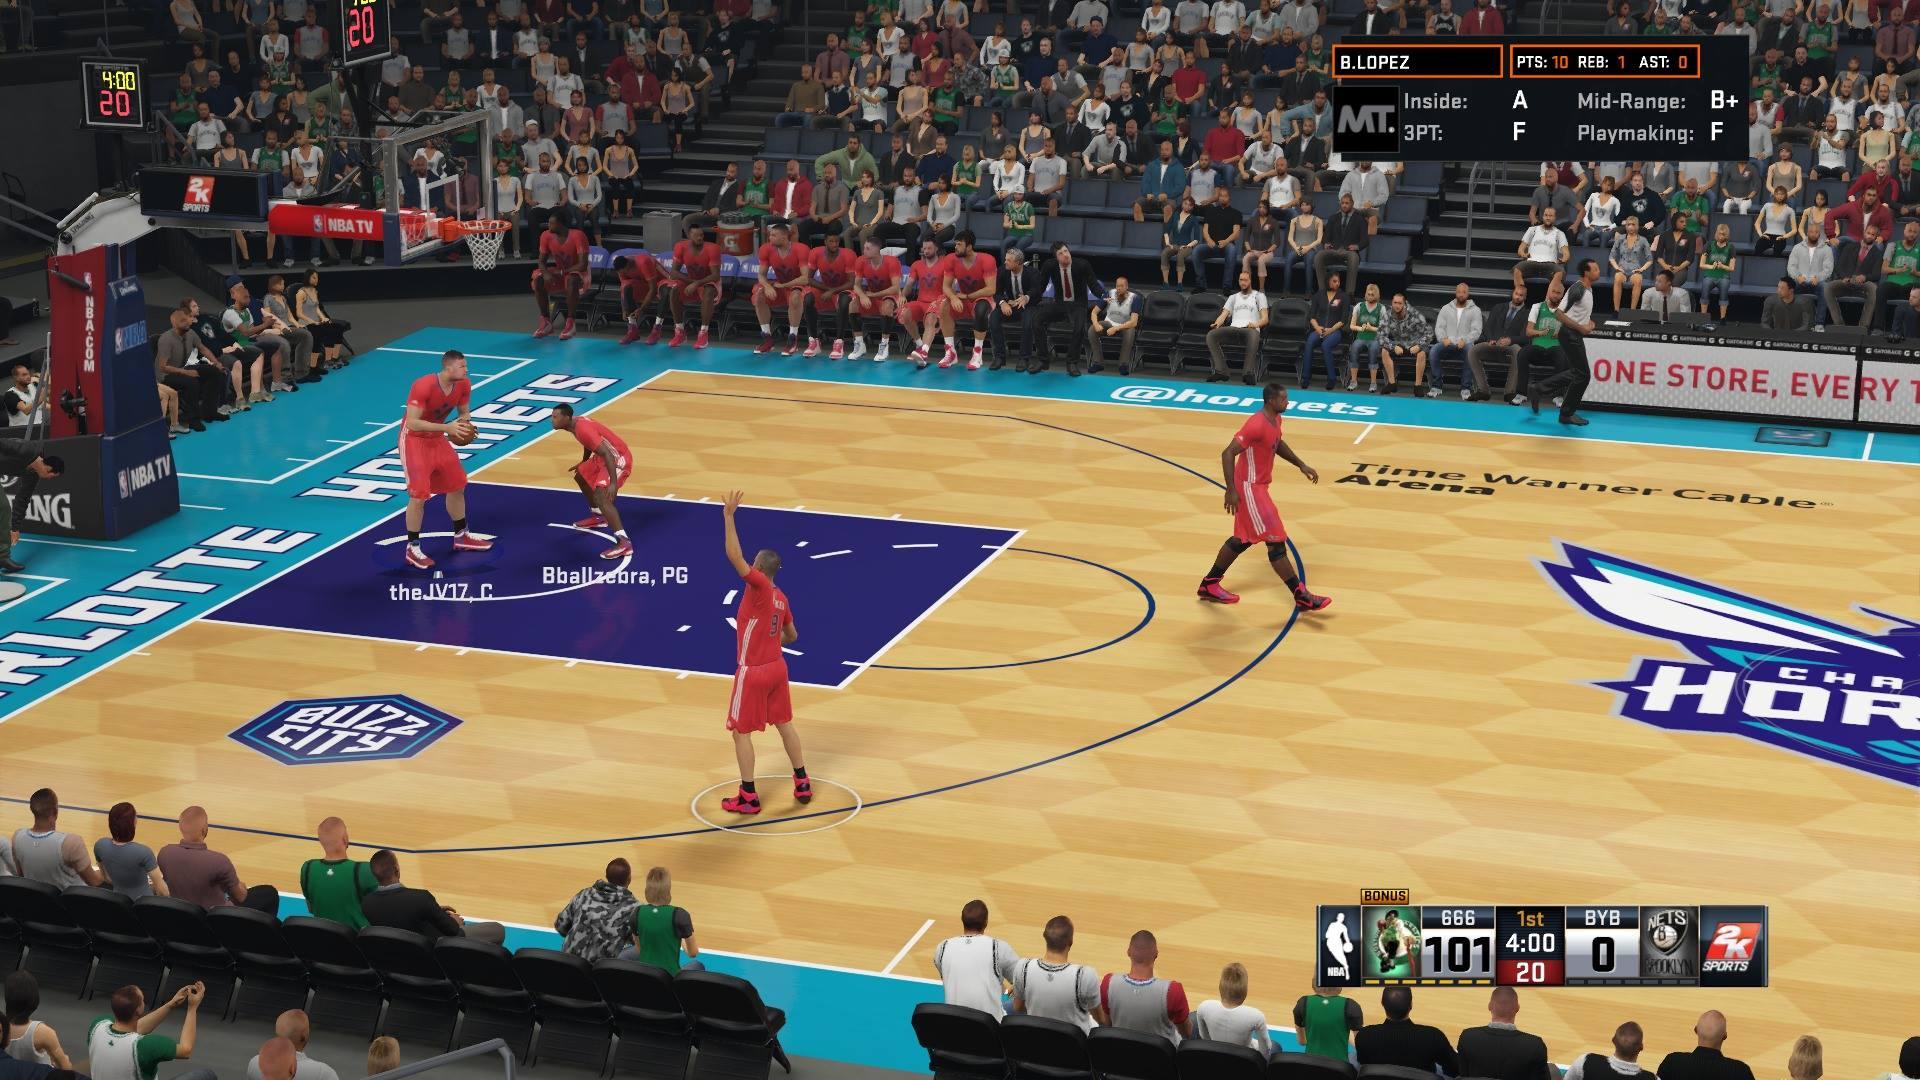 Ανακοινωθηκε η ημερομηνια κυκλοφοριας του NBA 2K16